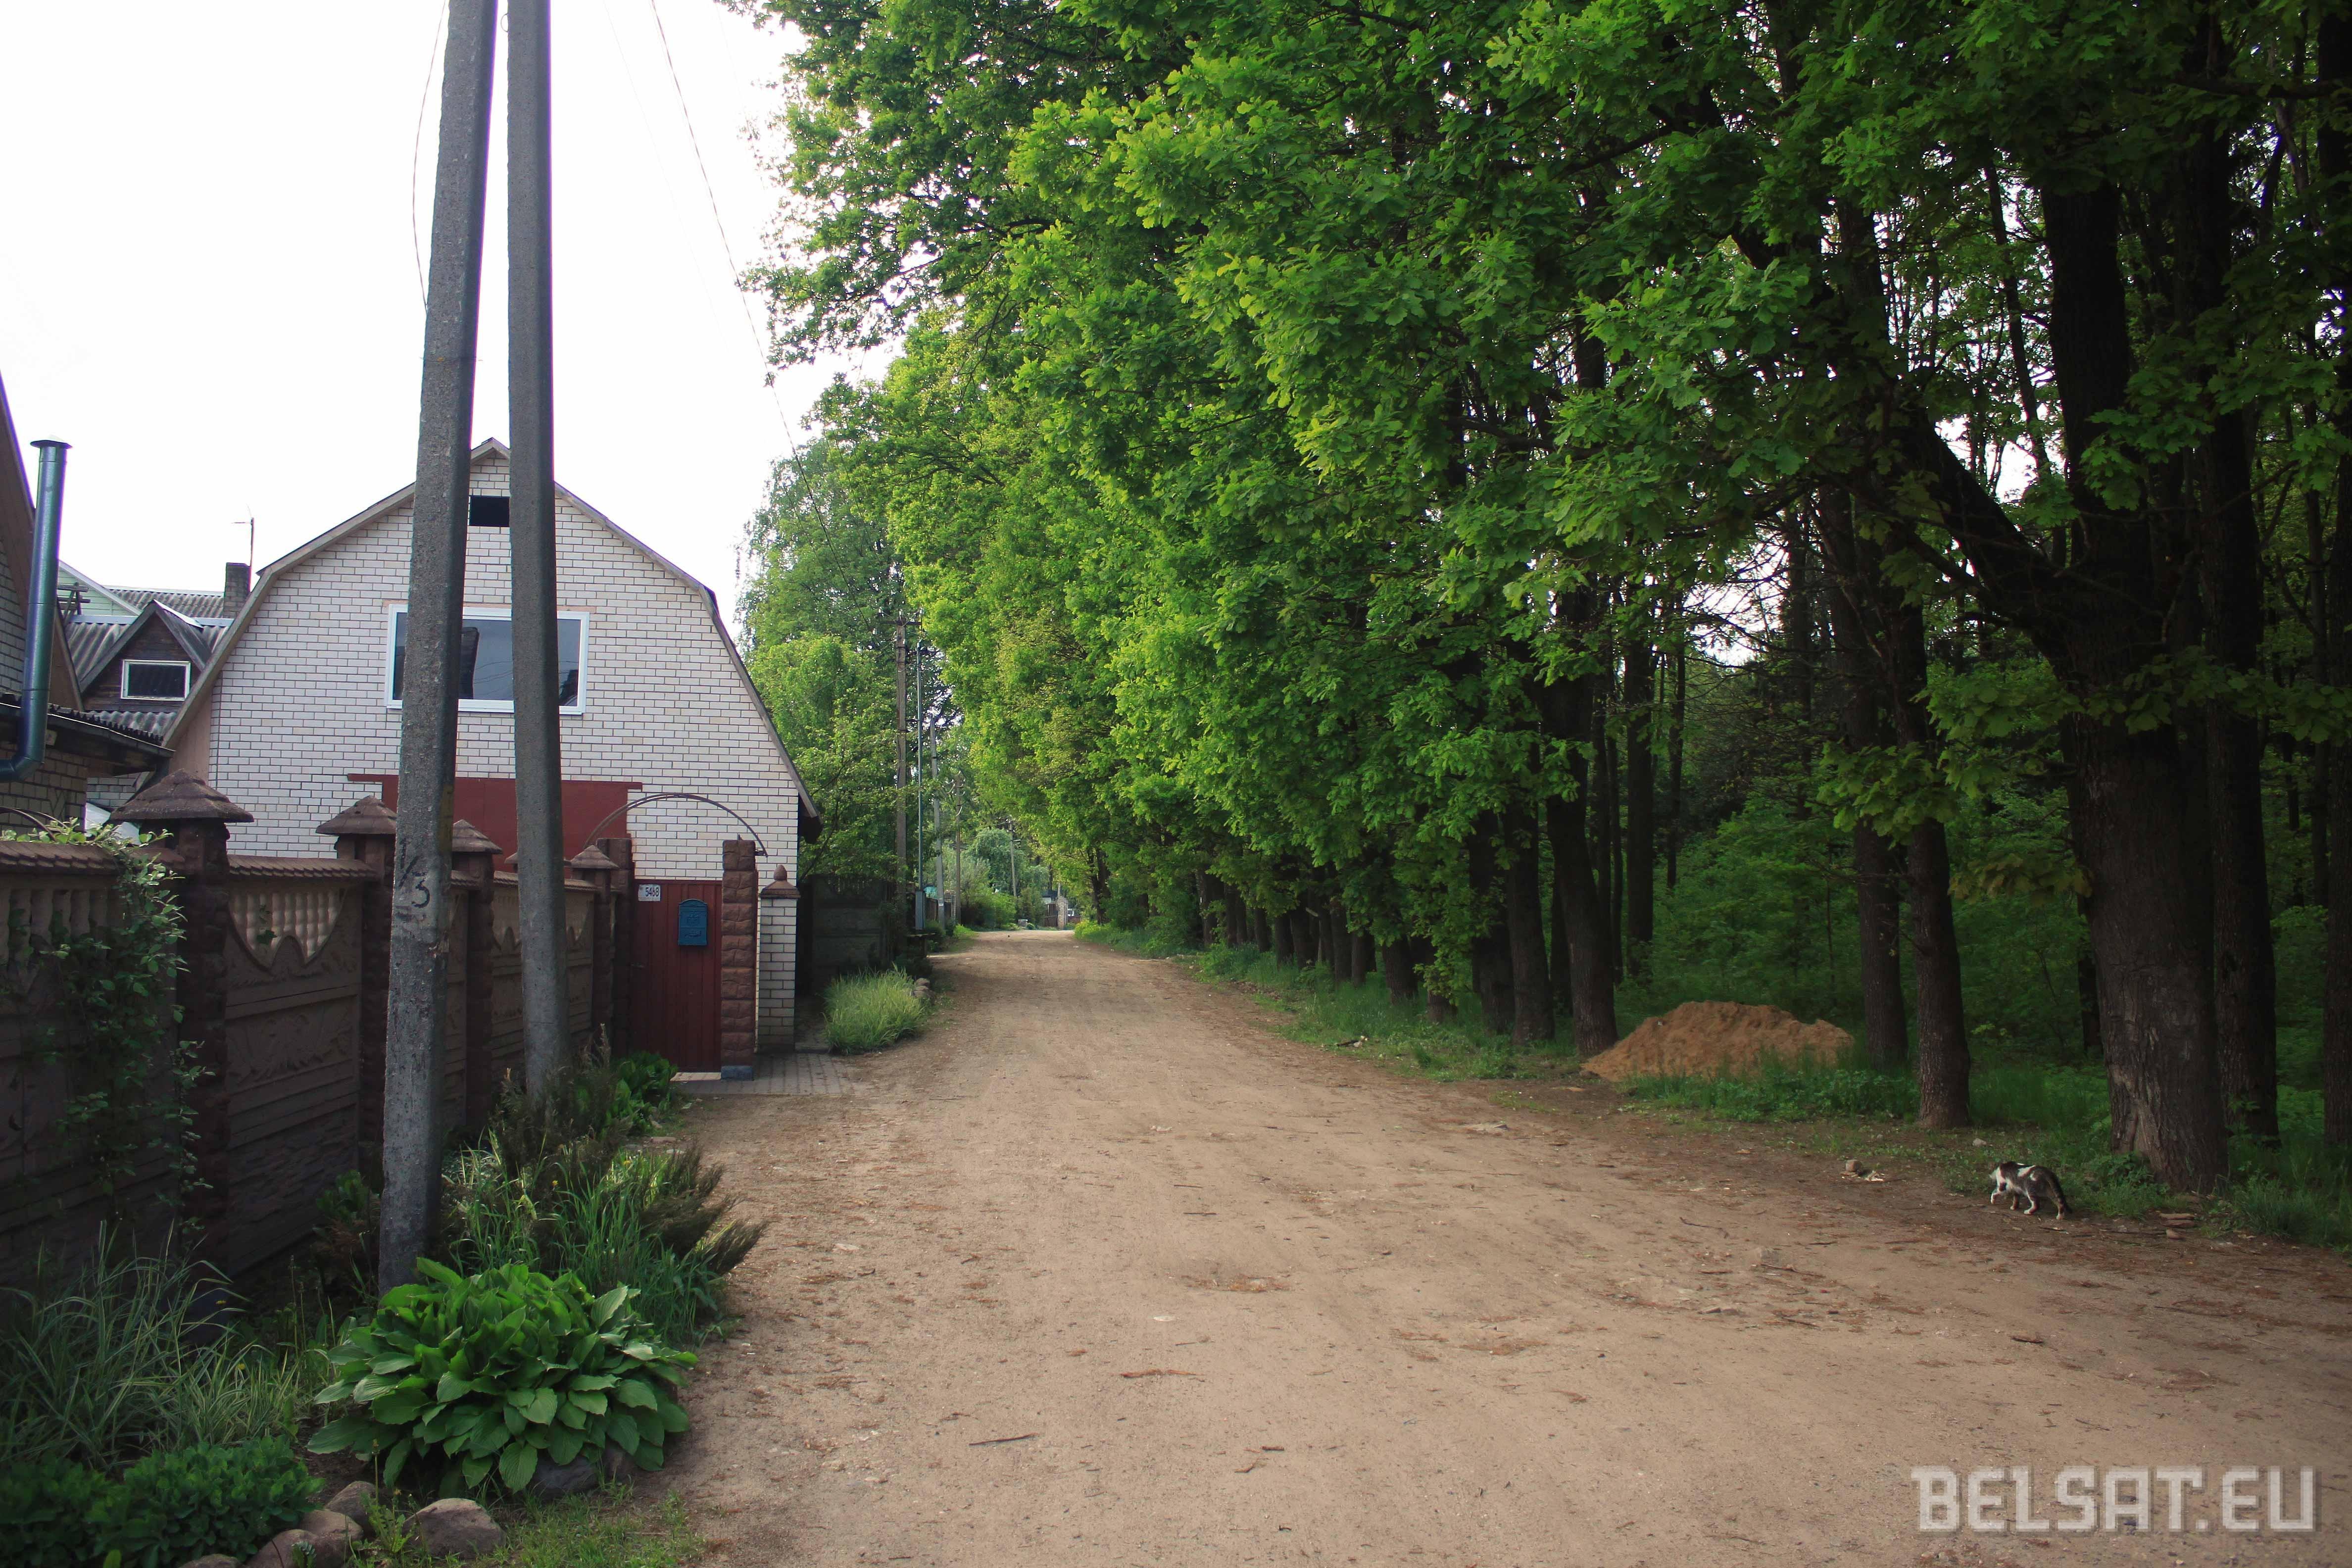 Микрорайон Чапаевка, Могилев. 17 мая 2019. Фото Надежды Гацак